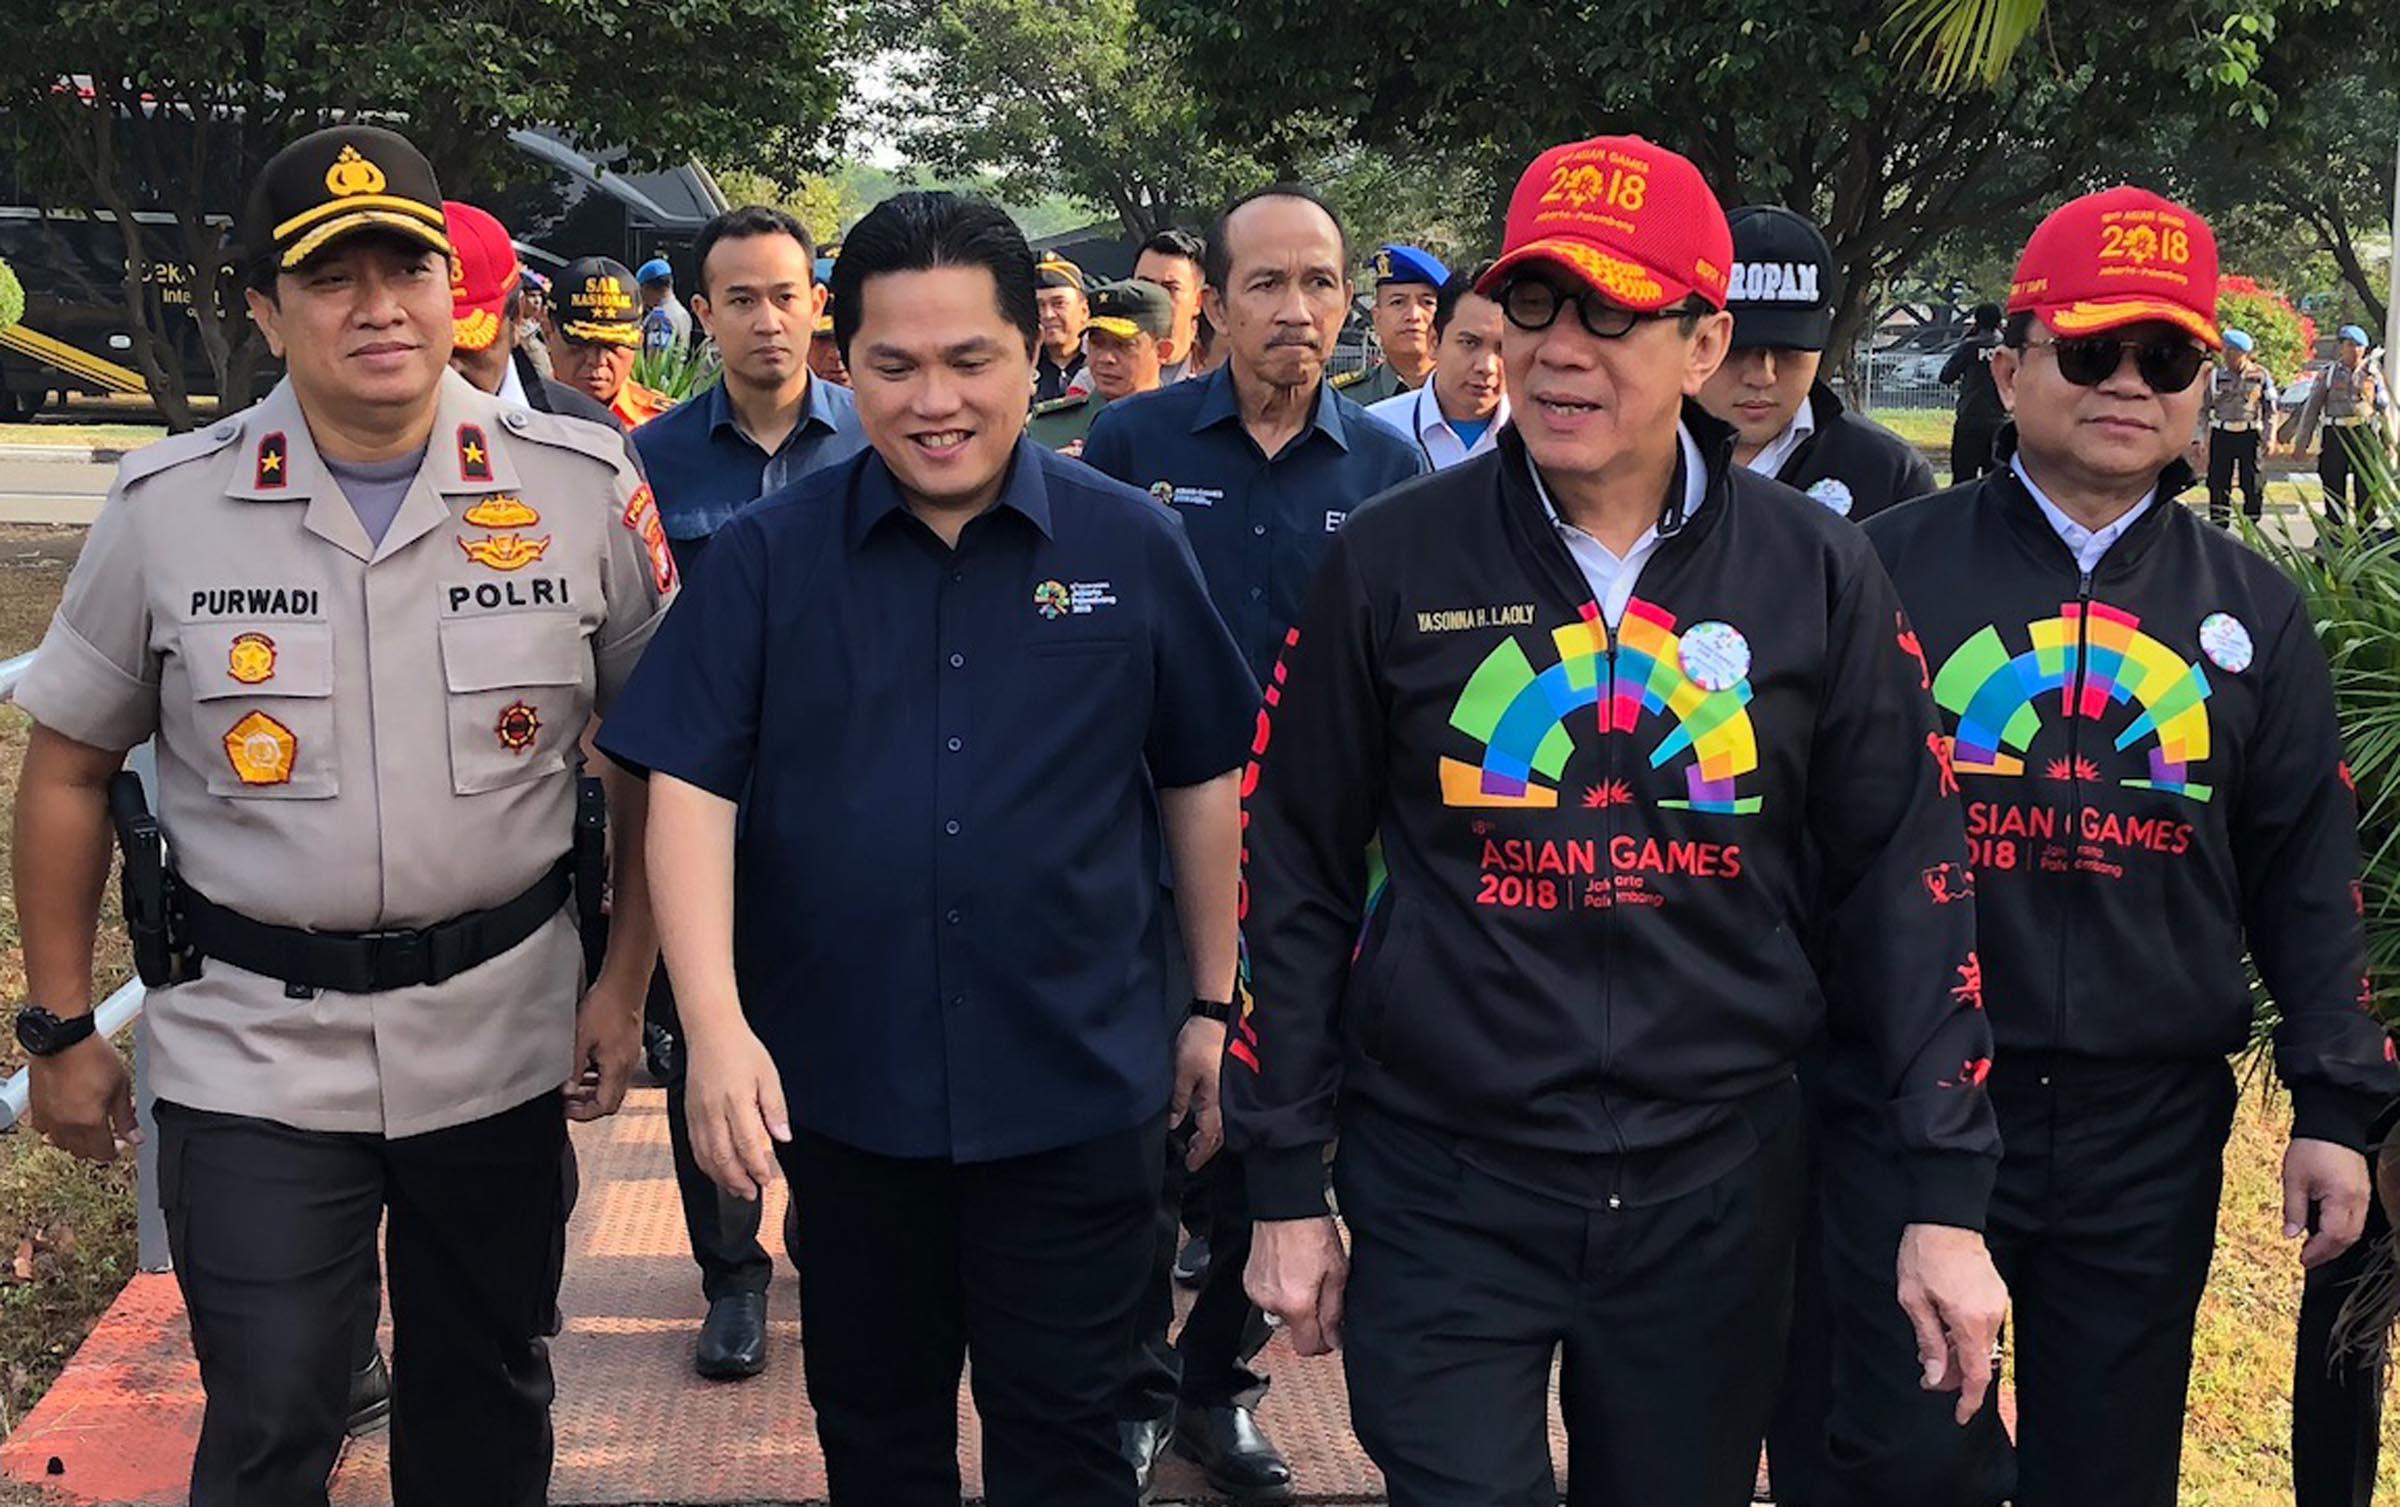 Mengecek persiapan pelaksanaan Asian Games 2018